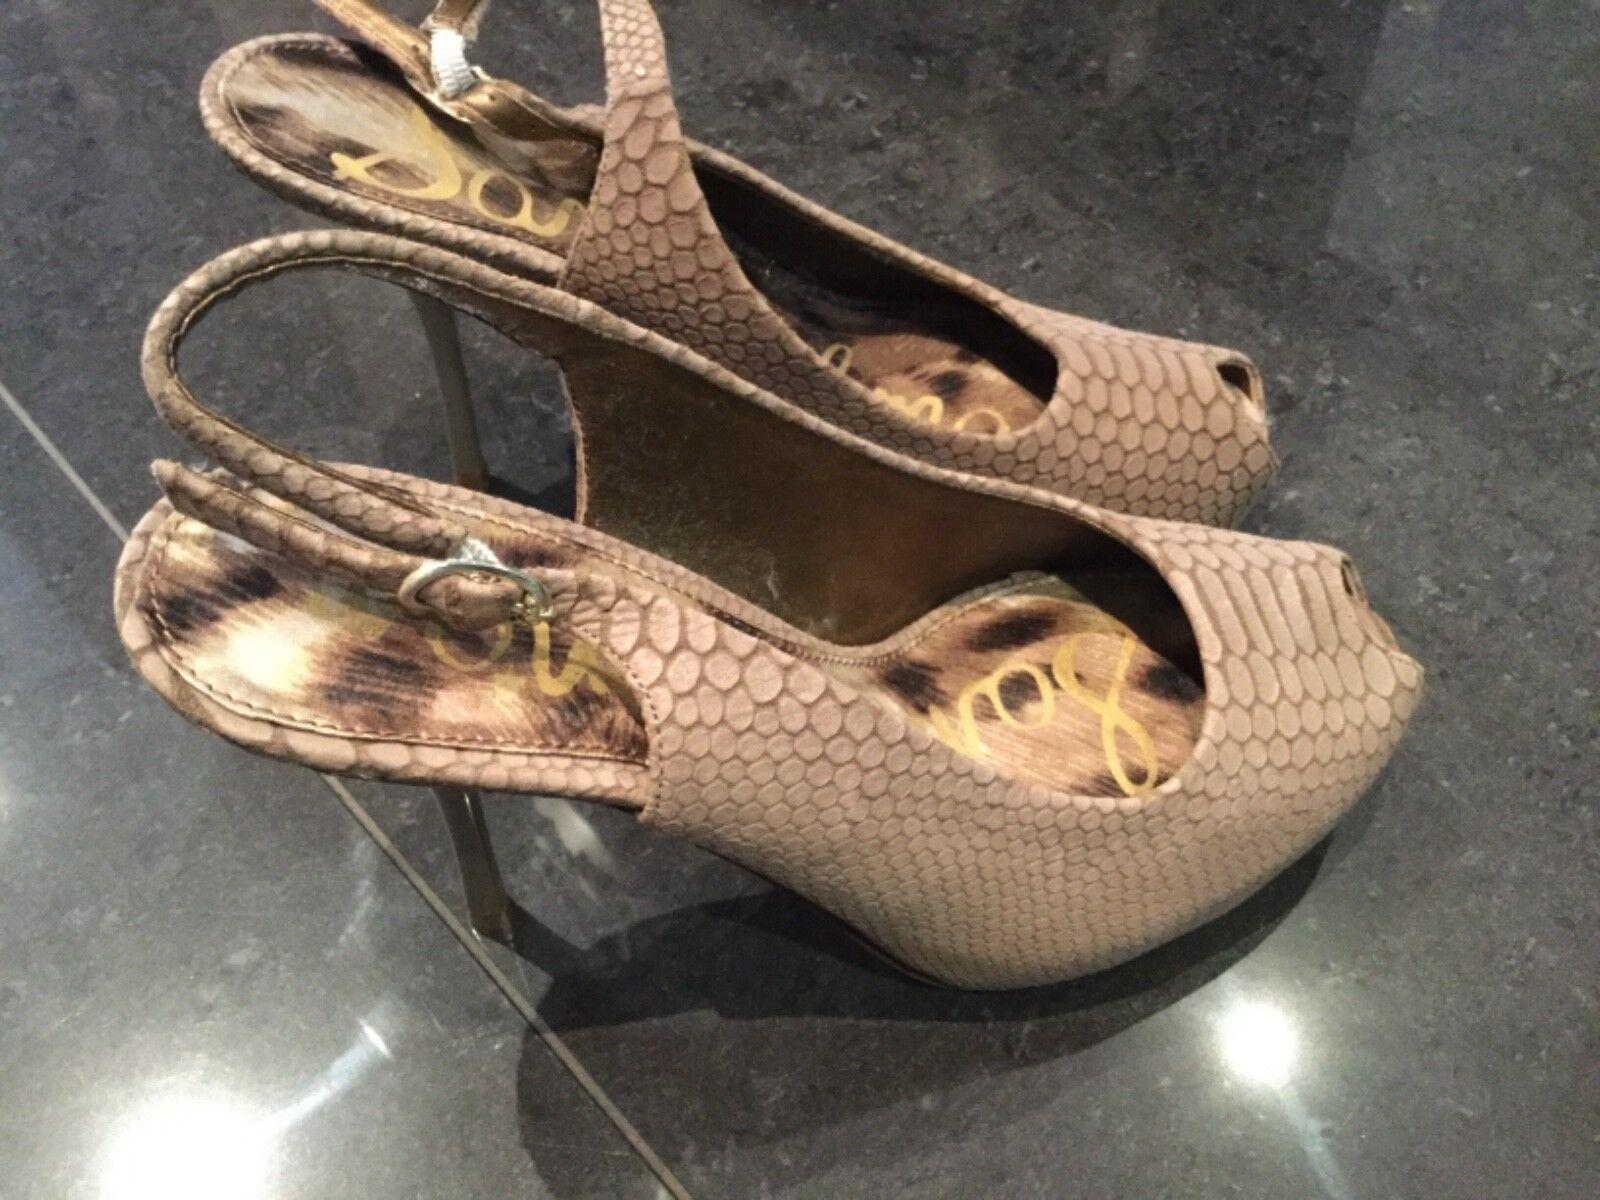 Sam Edelman New & Gen. Ladies Suede High Heeled Sandals UK 3.5, EU 36.5, US 6M